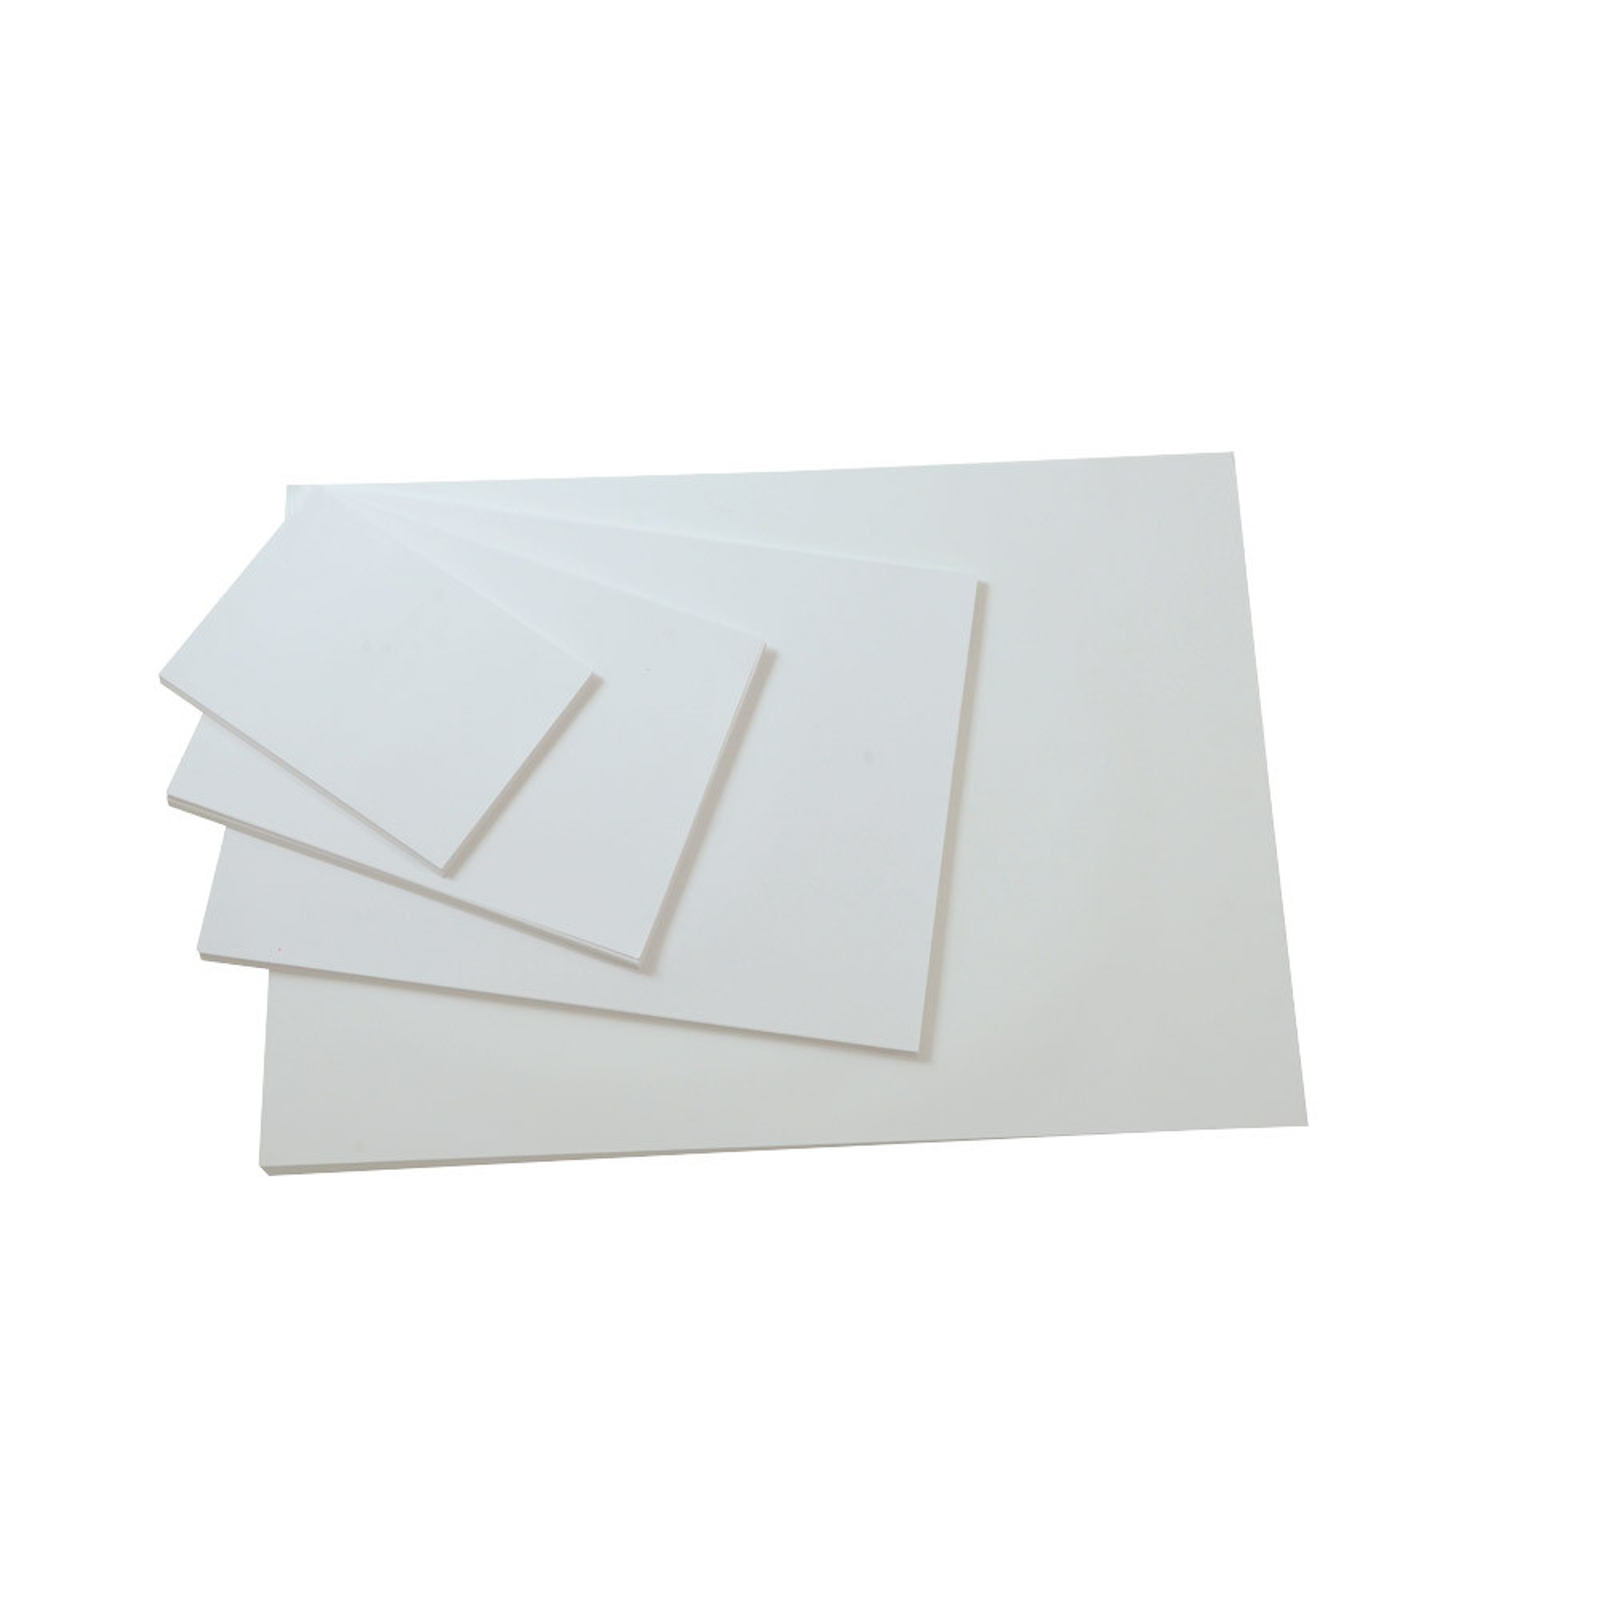 The Consortium Cartridge Paper